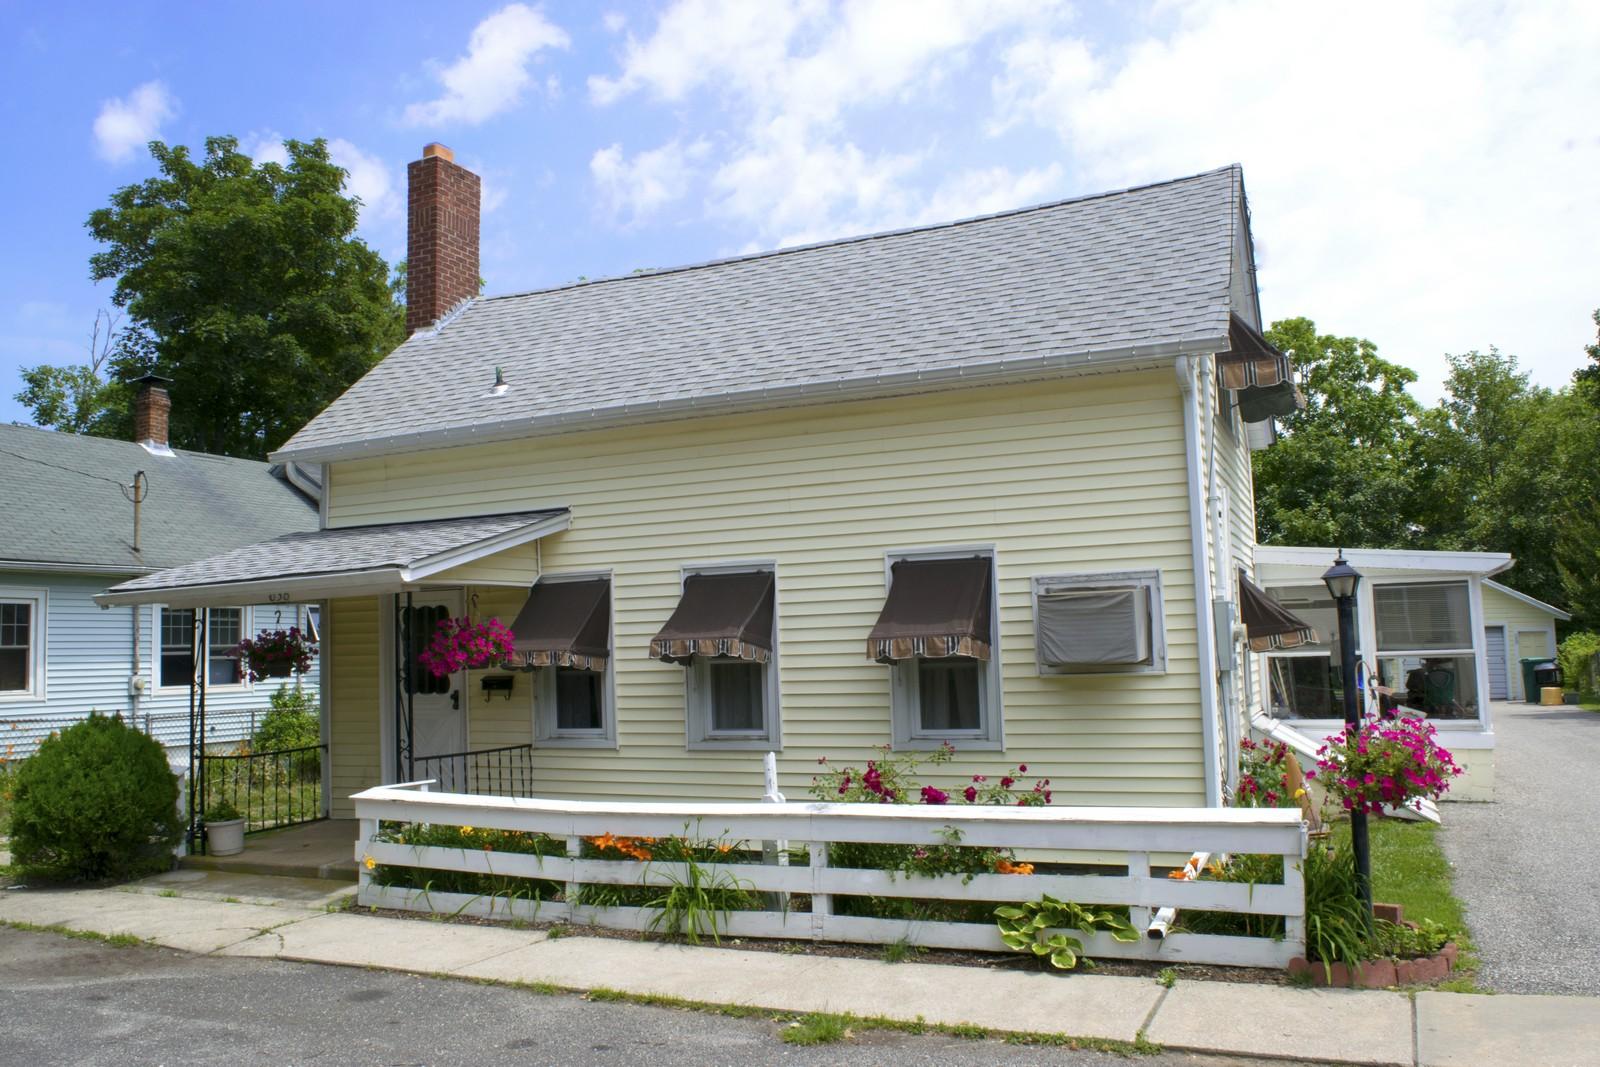 Casa para uma família para Venda às Antique/Hist 638 Carpenter St Greenport, Nova York 11944 Estados Unidos